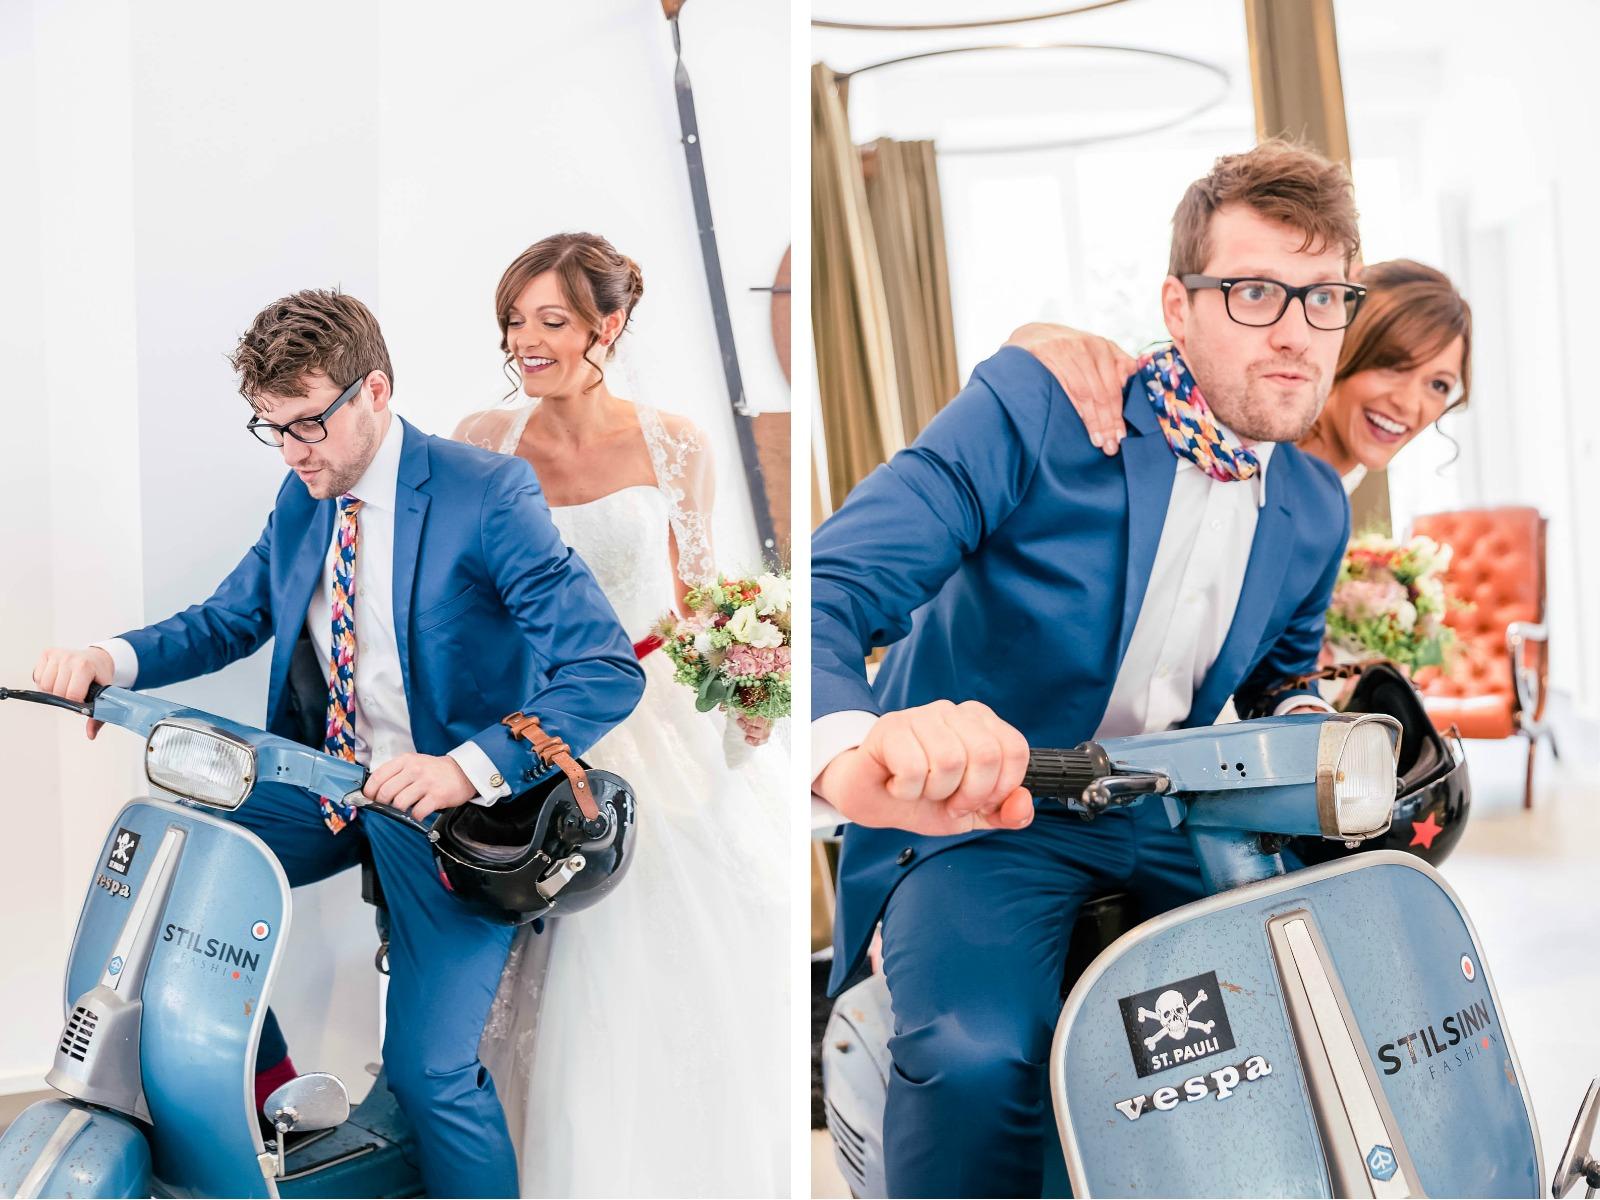 Monstergraphie_Hochzeitsreportage_Siegen-11.jpg?fit=1600%2C1200